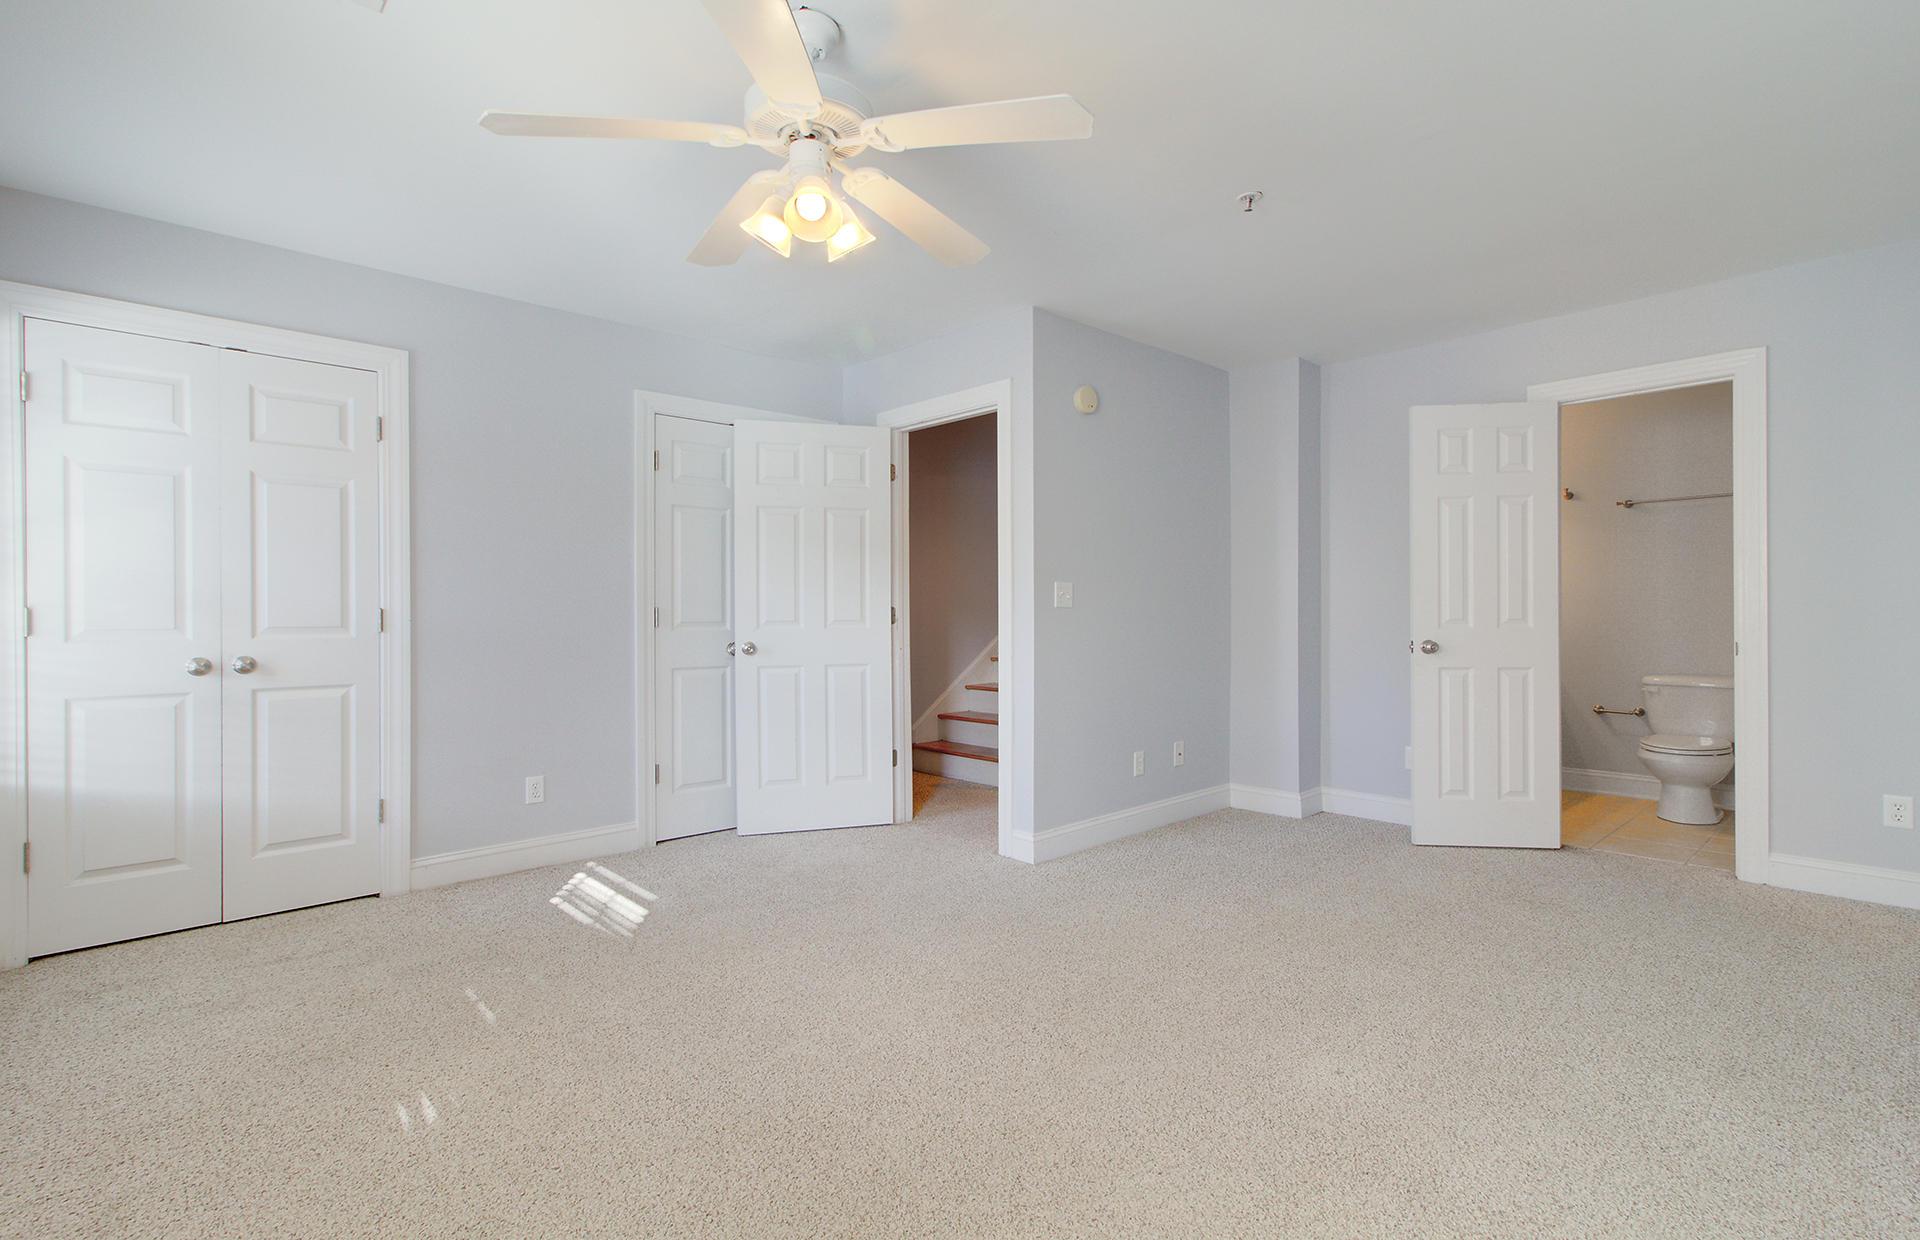 Lake Palmetto Homes For Sale - 4904 Lake Palmetto, North Charleston, SC - 14